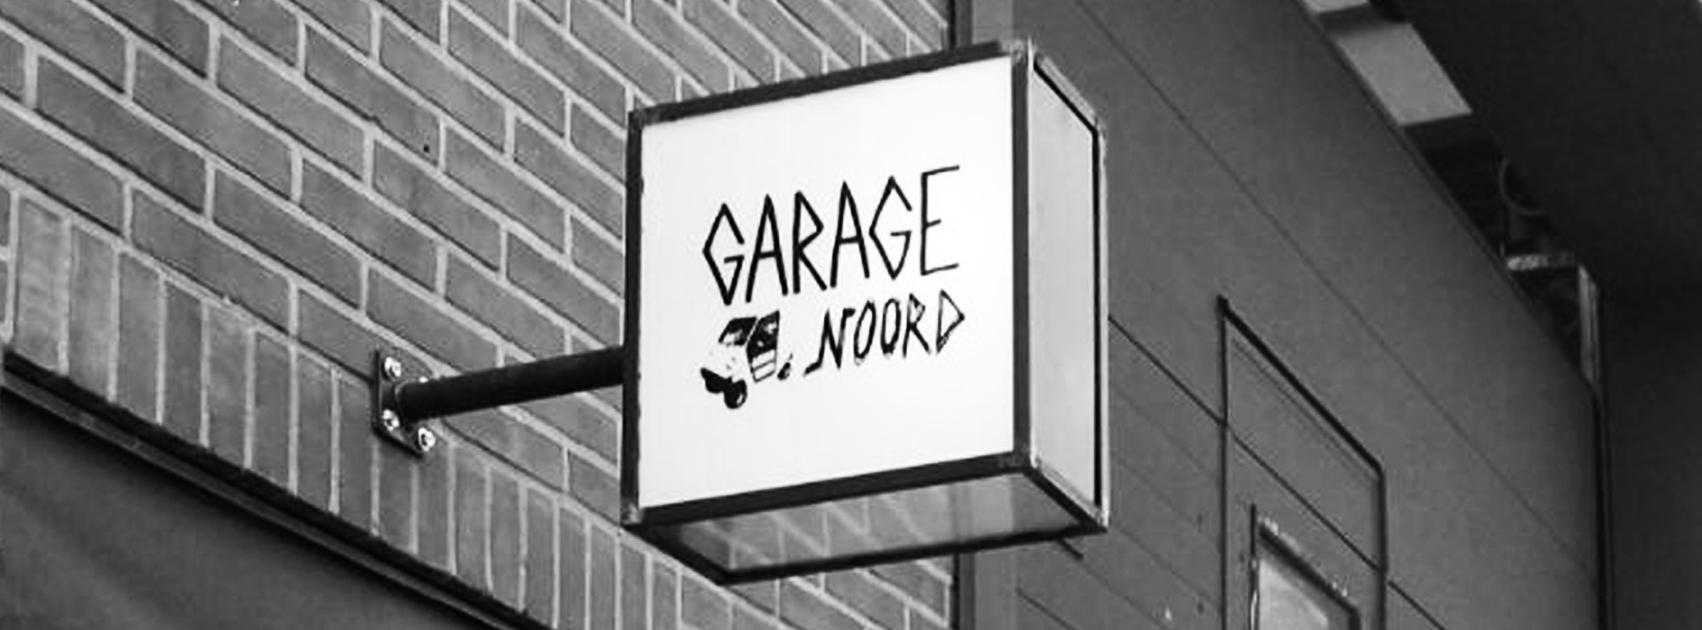 Garage Noord photo